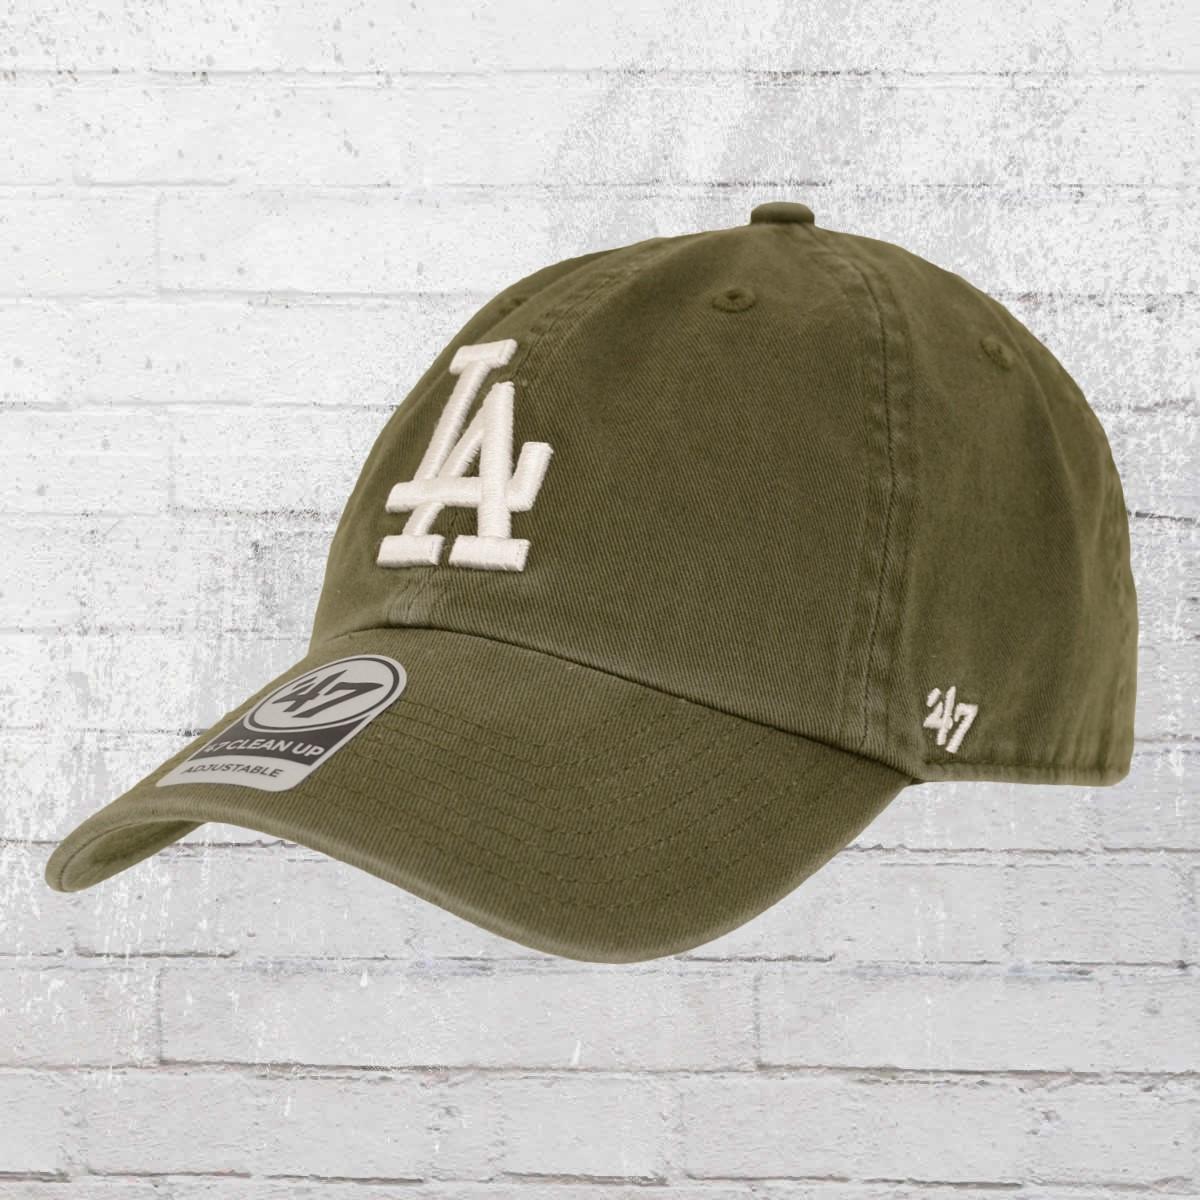 Order now | 47 Brands Clean Up Baseball Cap LA Dodgers olive